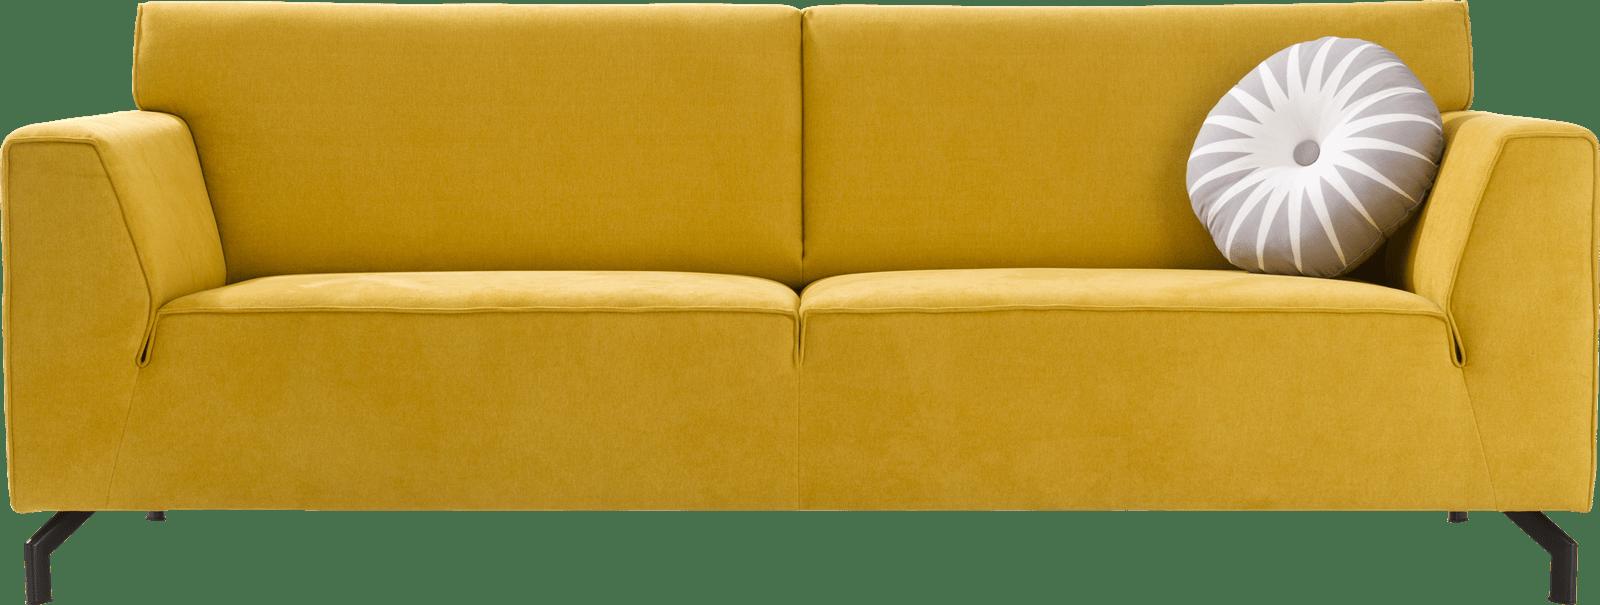 Henders & Hazel - Novara - Moderne - Canapés - 3-places